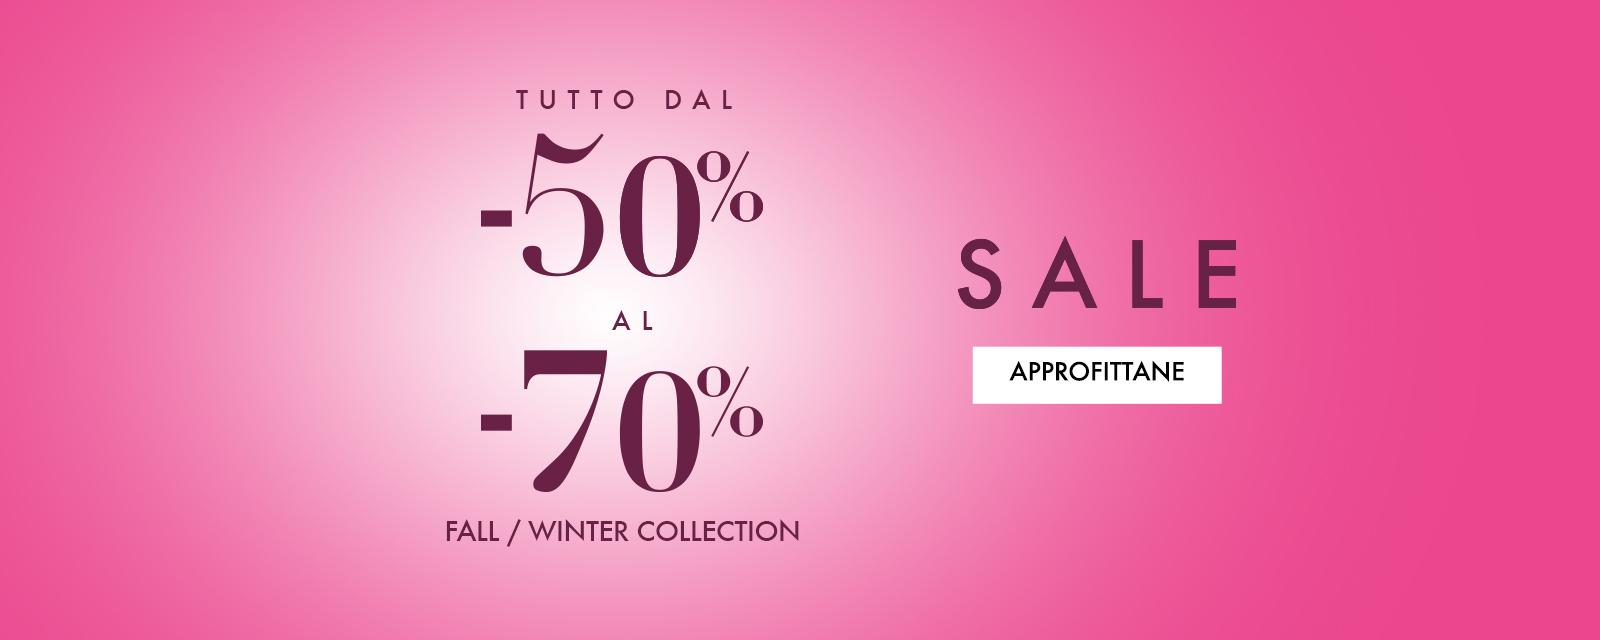 Fiorella Rubino - Saldi tutto dal -50% al -70%